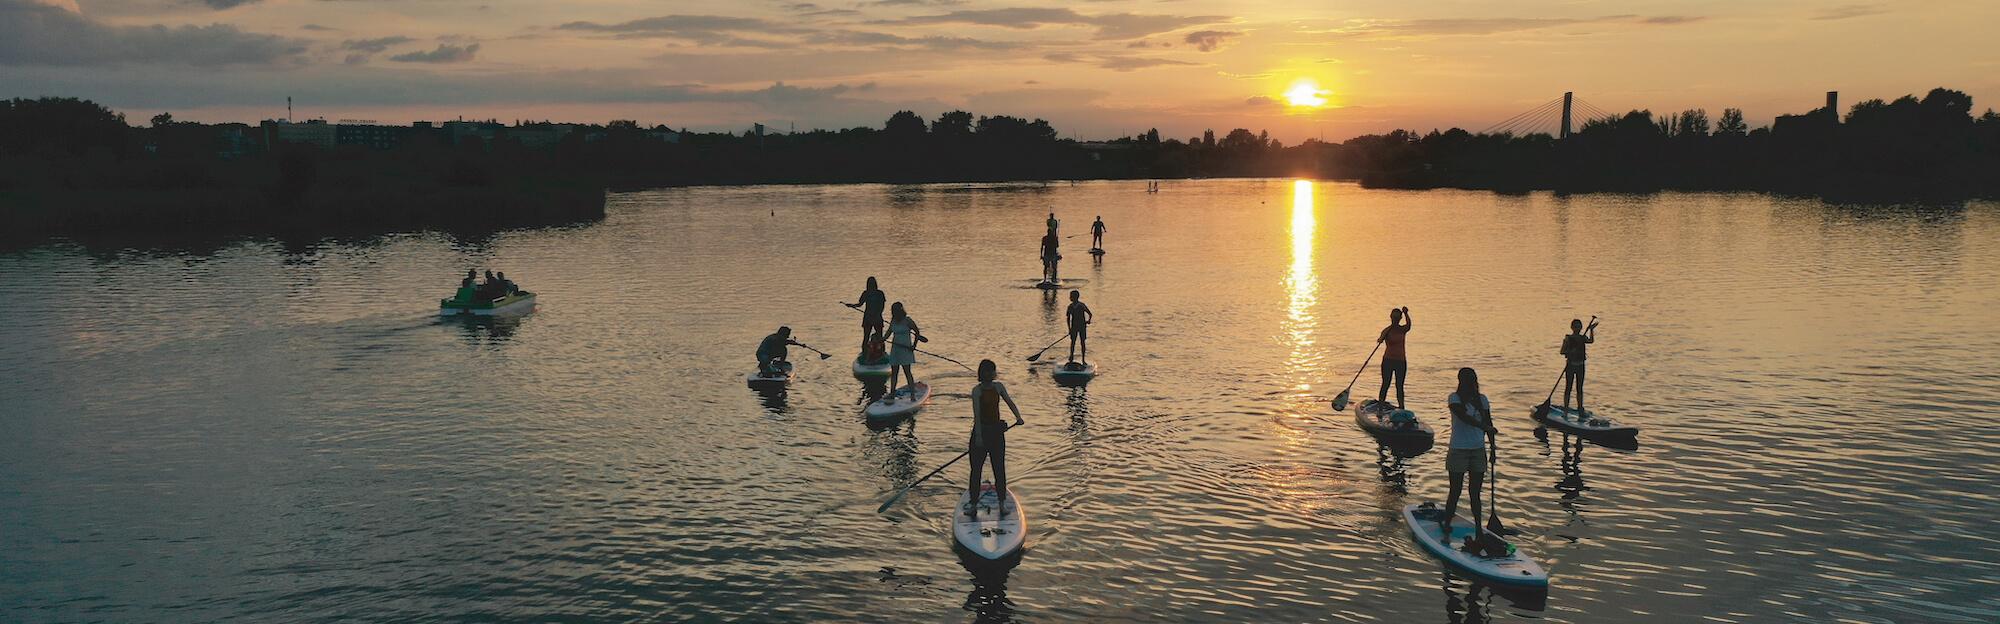 Deska SUP Kraków szkolenia Stand Up Paddle wioslo